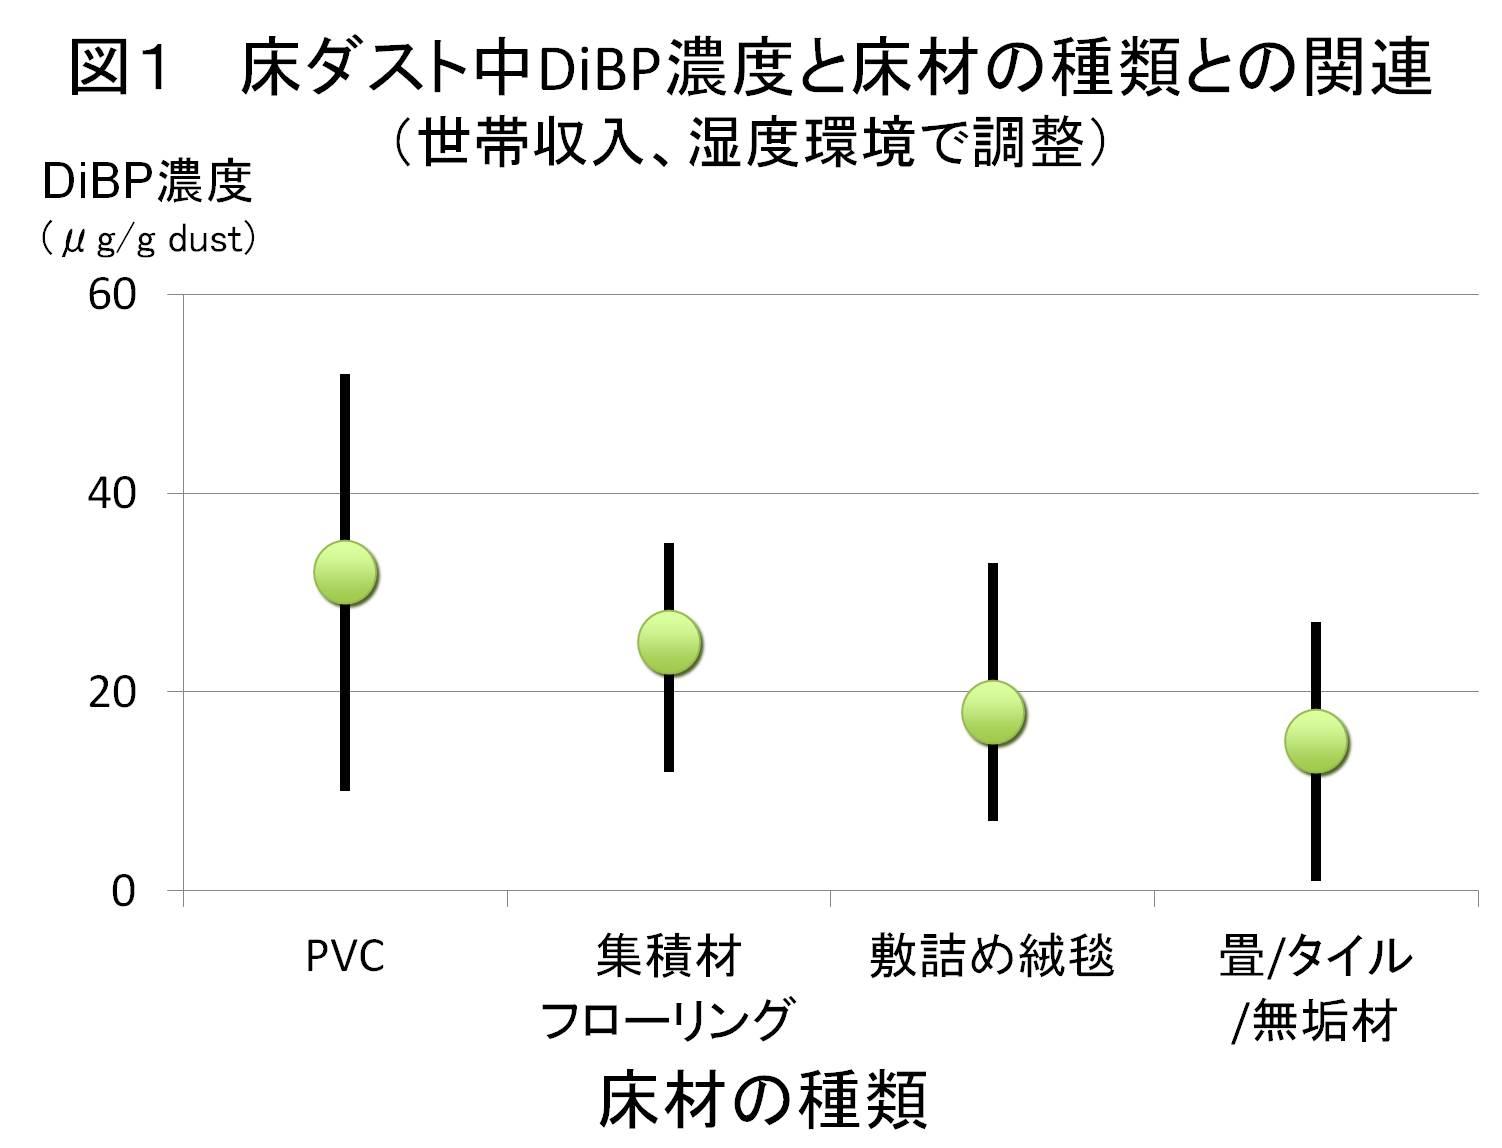 図1床ダスト中DiBP濃度と床材の種類との関連